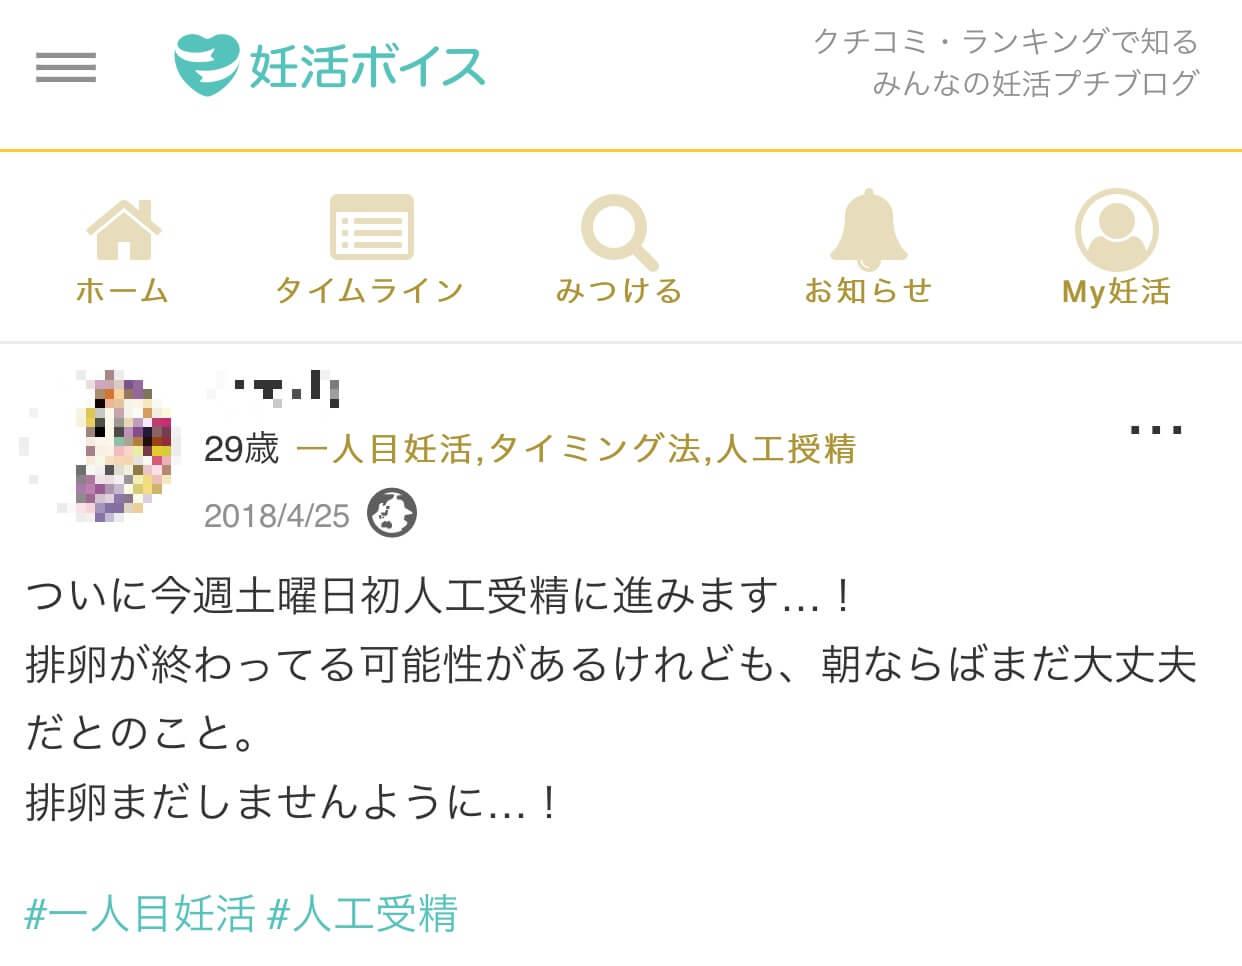 ユーザーHさん(29歳・1人目妊活・タイミング法・人工授精)